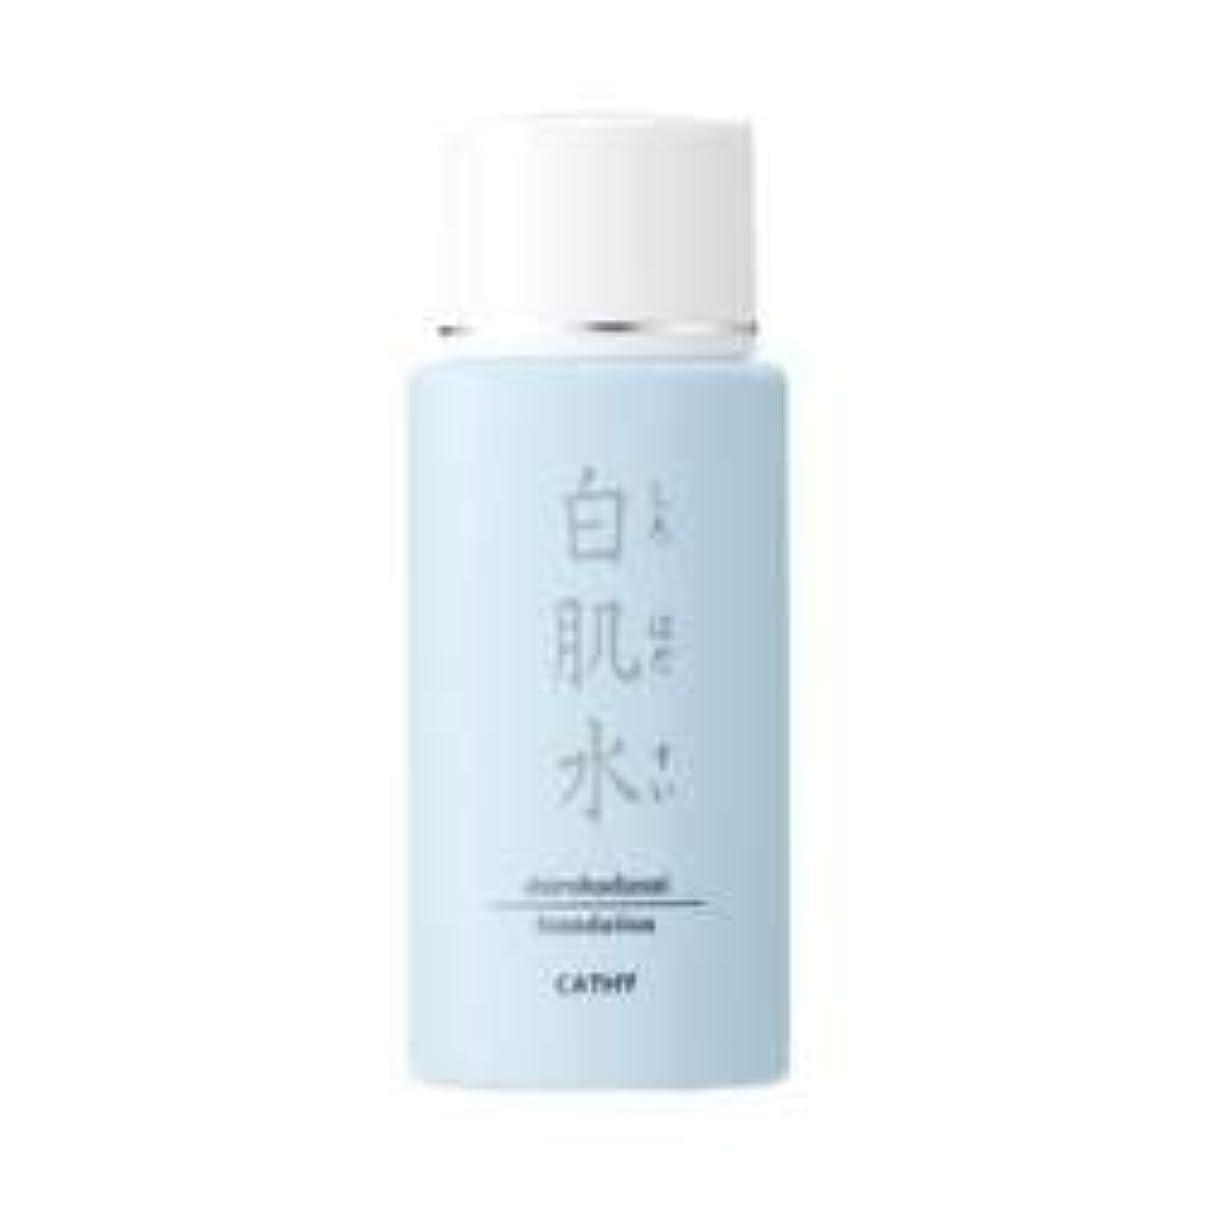 革命株式国内のカシー 白肌水(55ml)